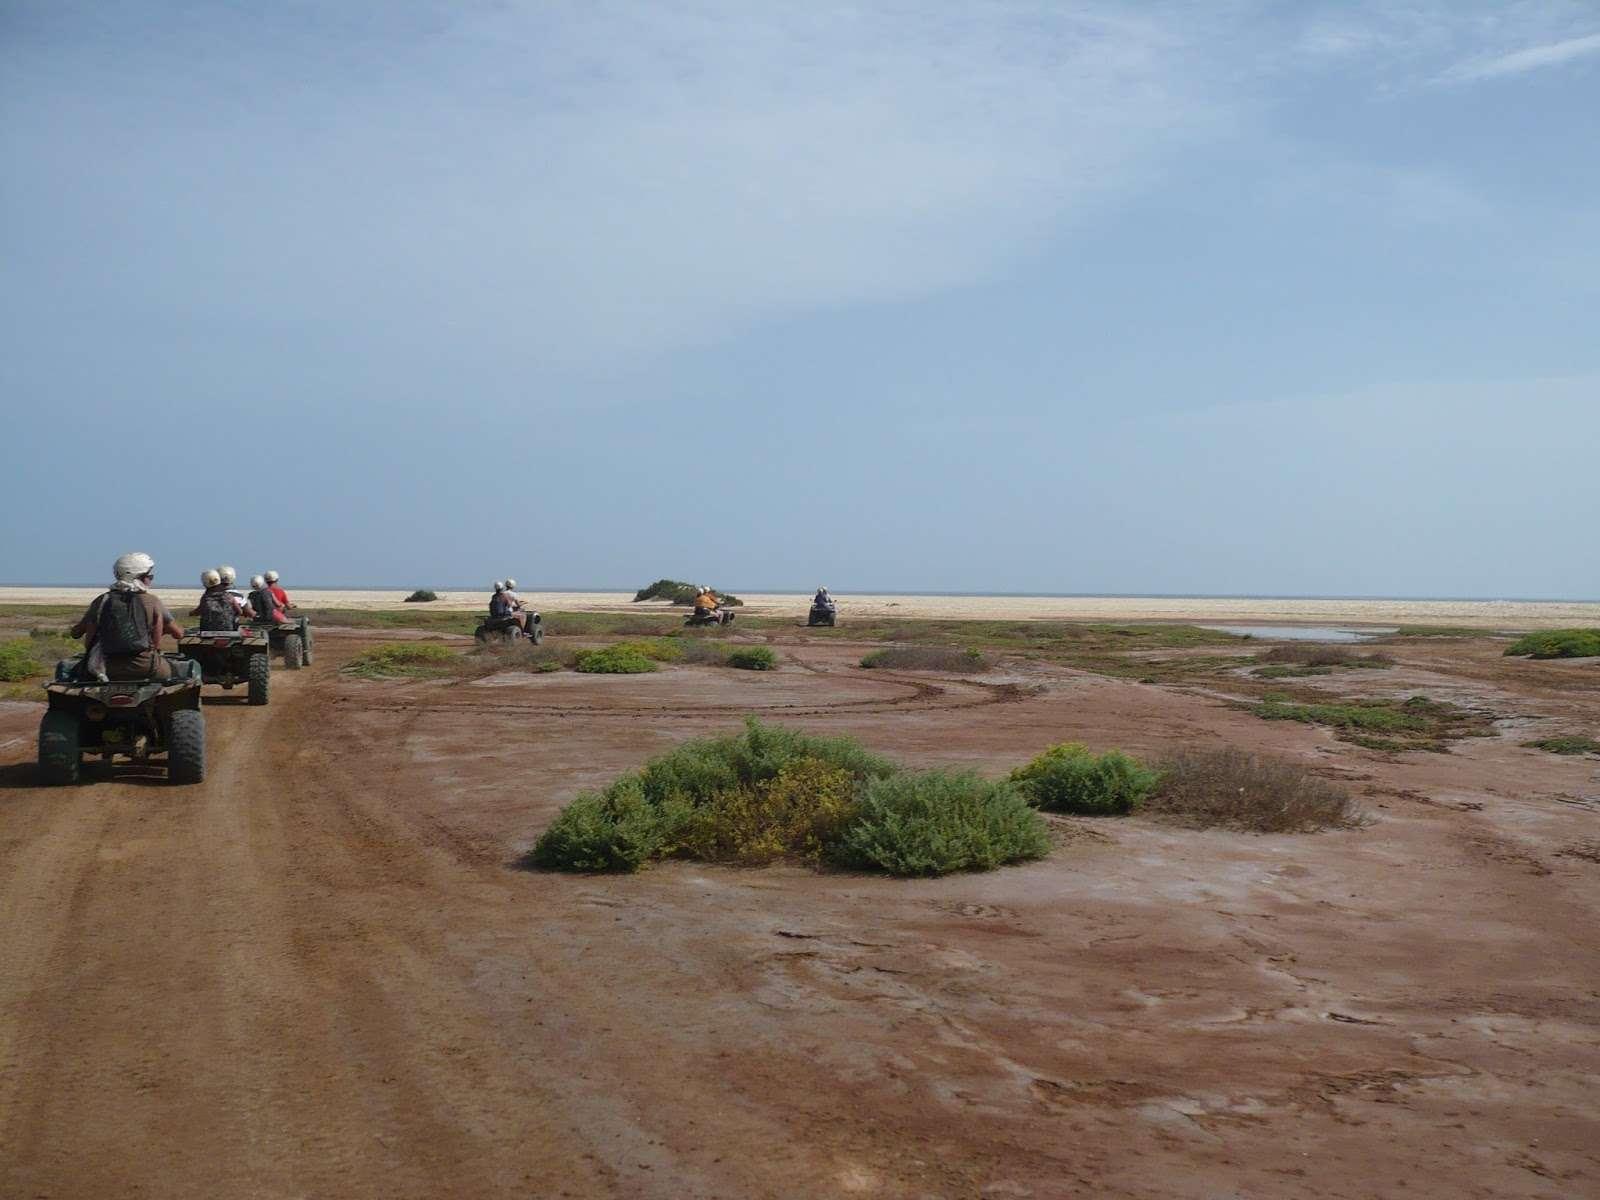 Excursion en Quad par la zone protégée des mines de sel et du cimetière des tortues, les dunes, Kite Beach, la Baie de Ourdira, l'oasis de Algodoeiro et Ponta Preta et Santa Maria